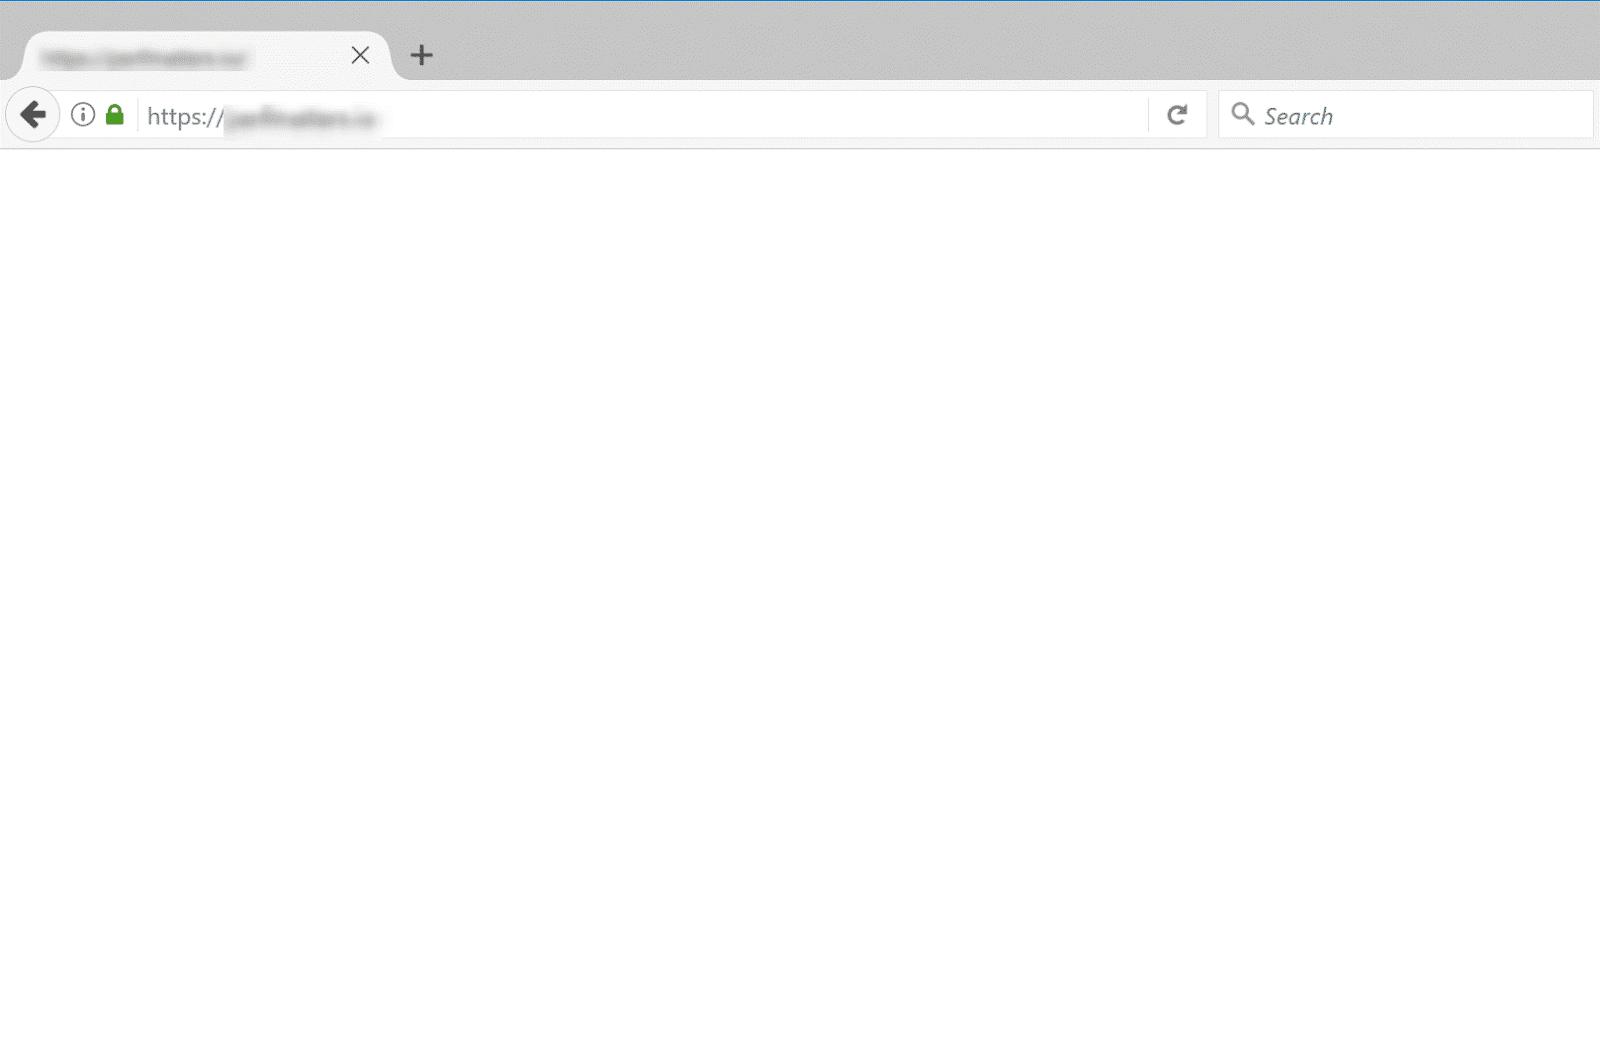 ارور صفحه سفید در مرورگر موزیلا فایرفاکس